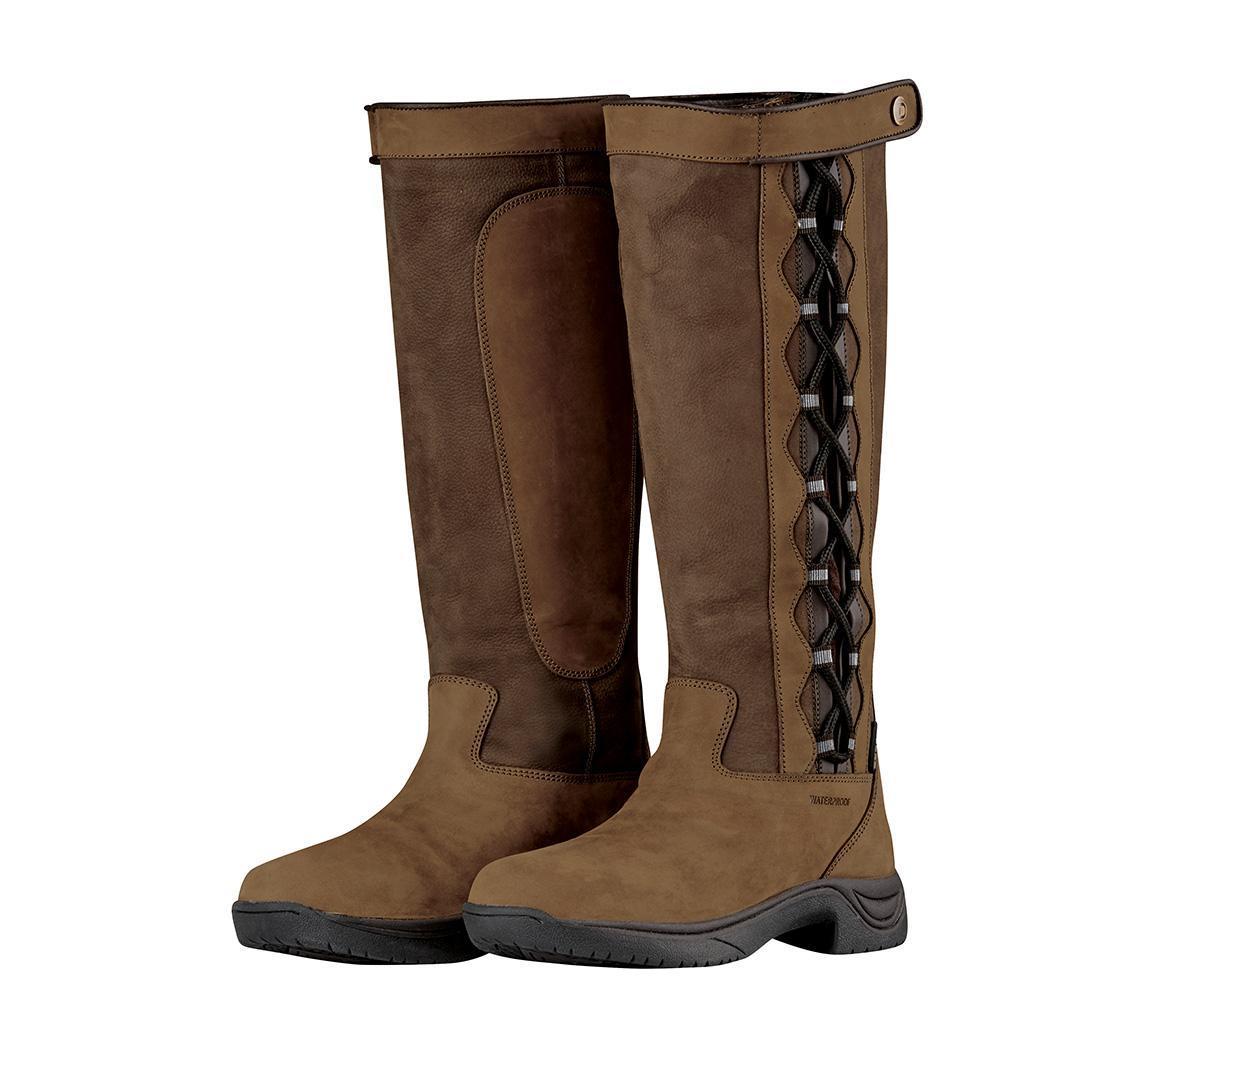 Pinnacle Boots II